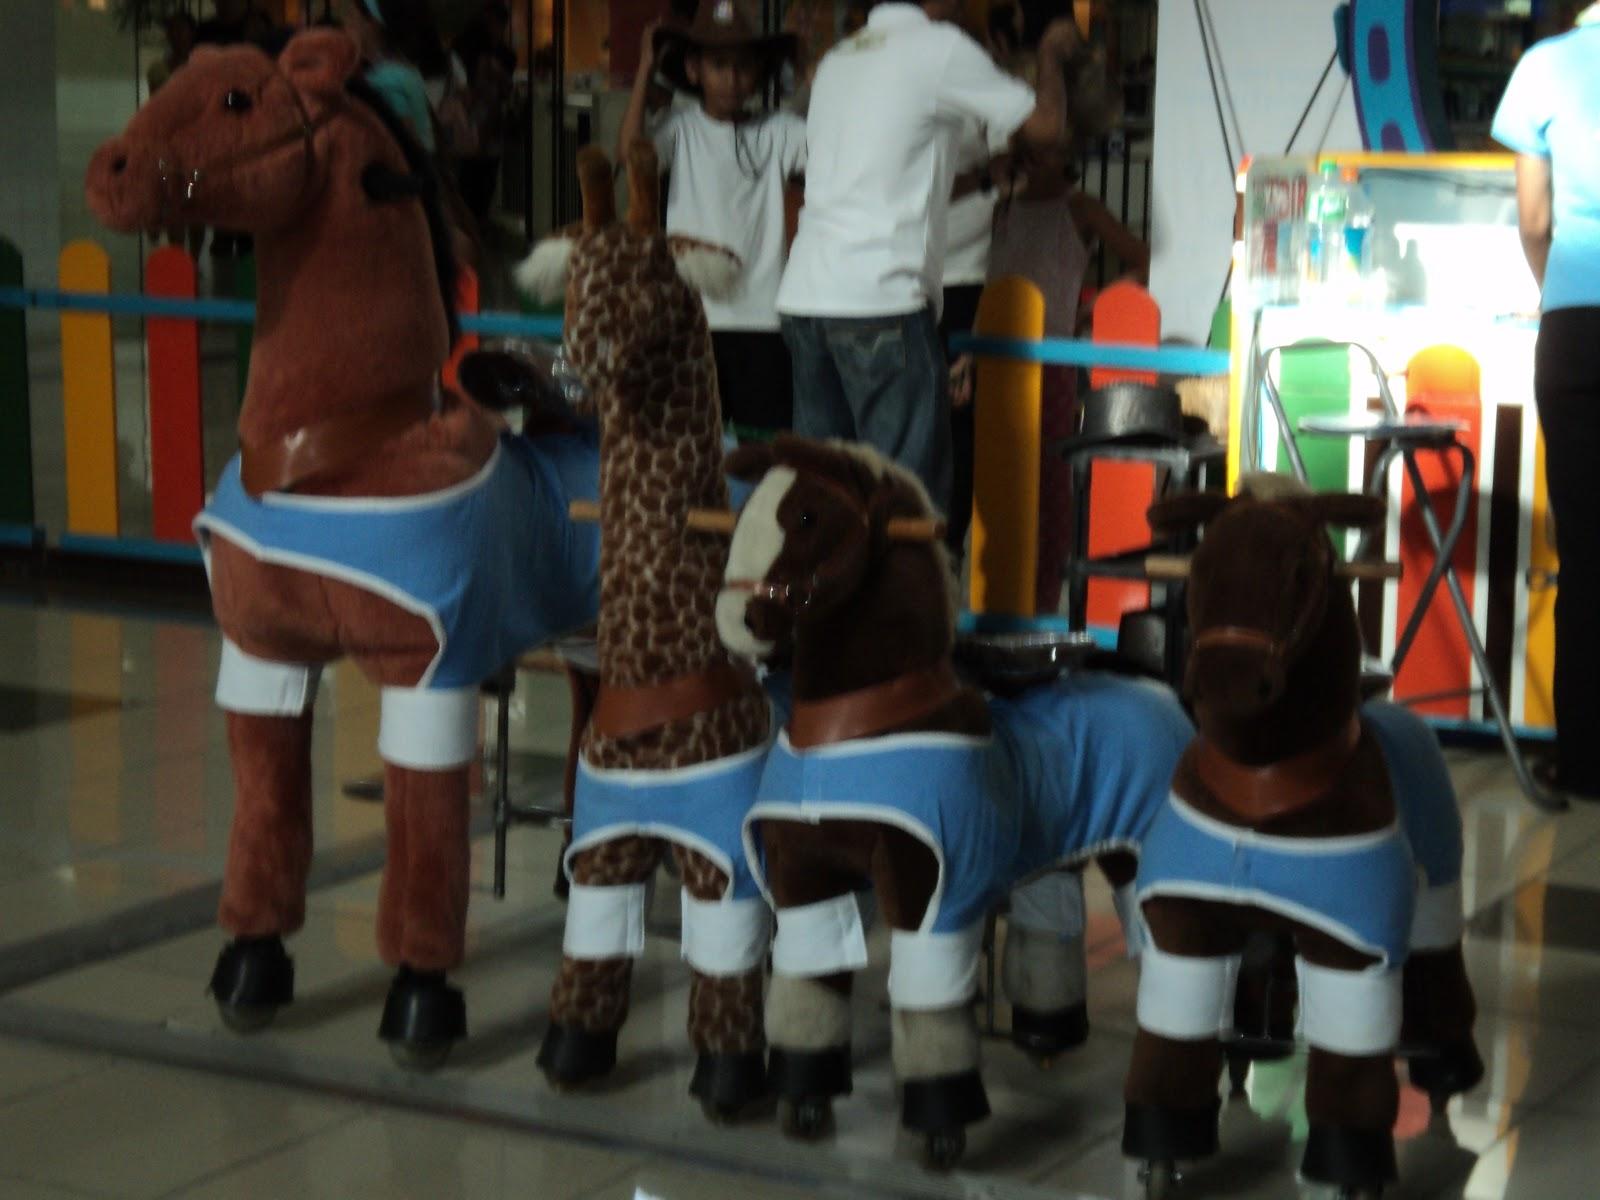 stuffed horses